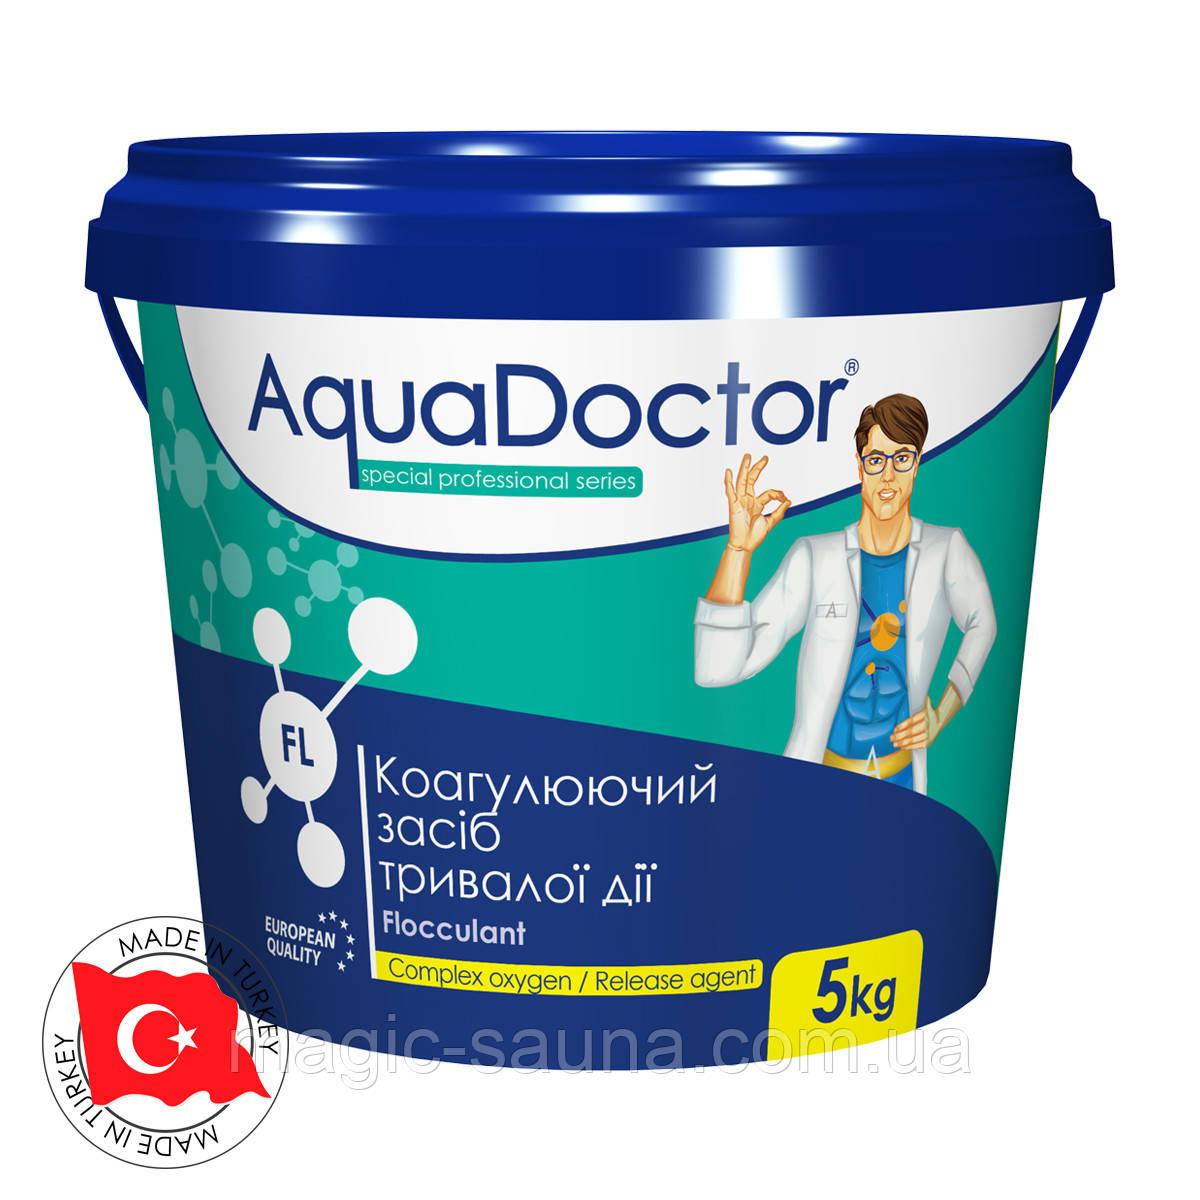 Коагулирующее средство в гранулах 1кг AquaDoctor FL